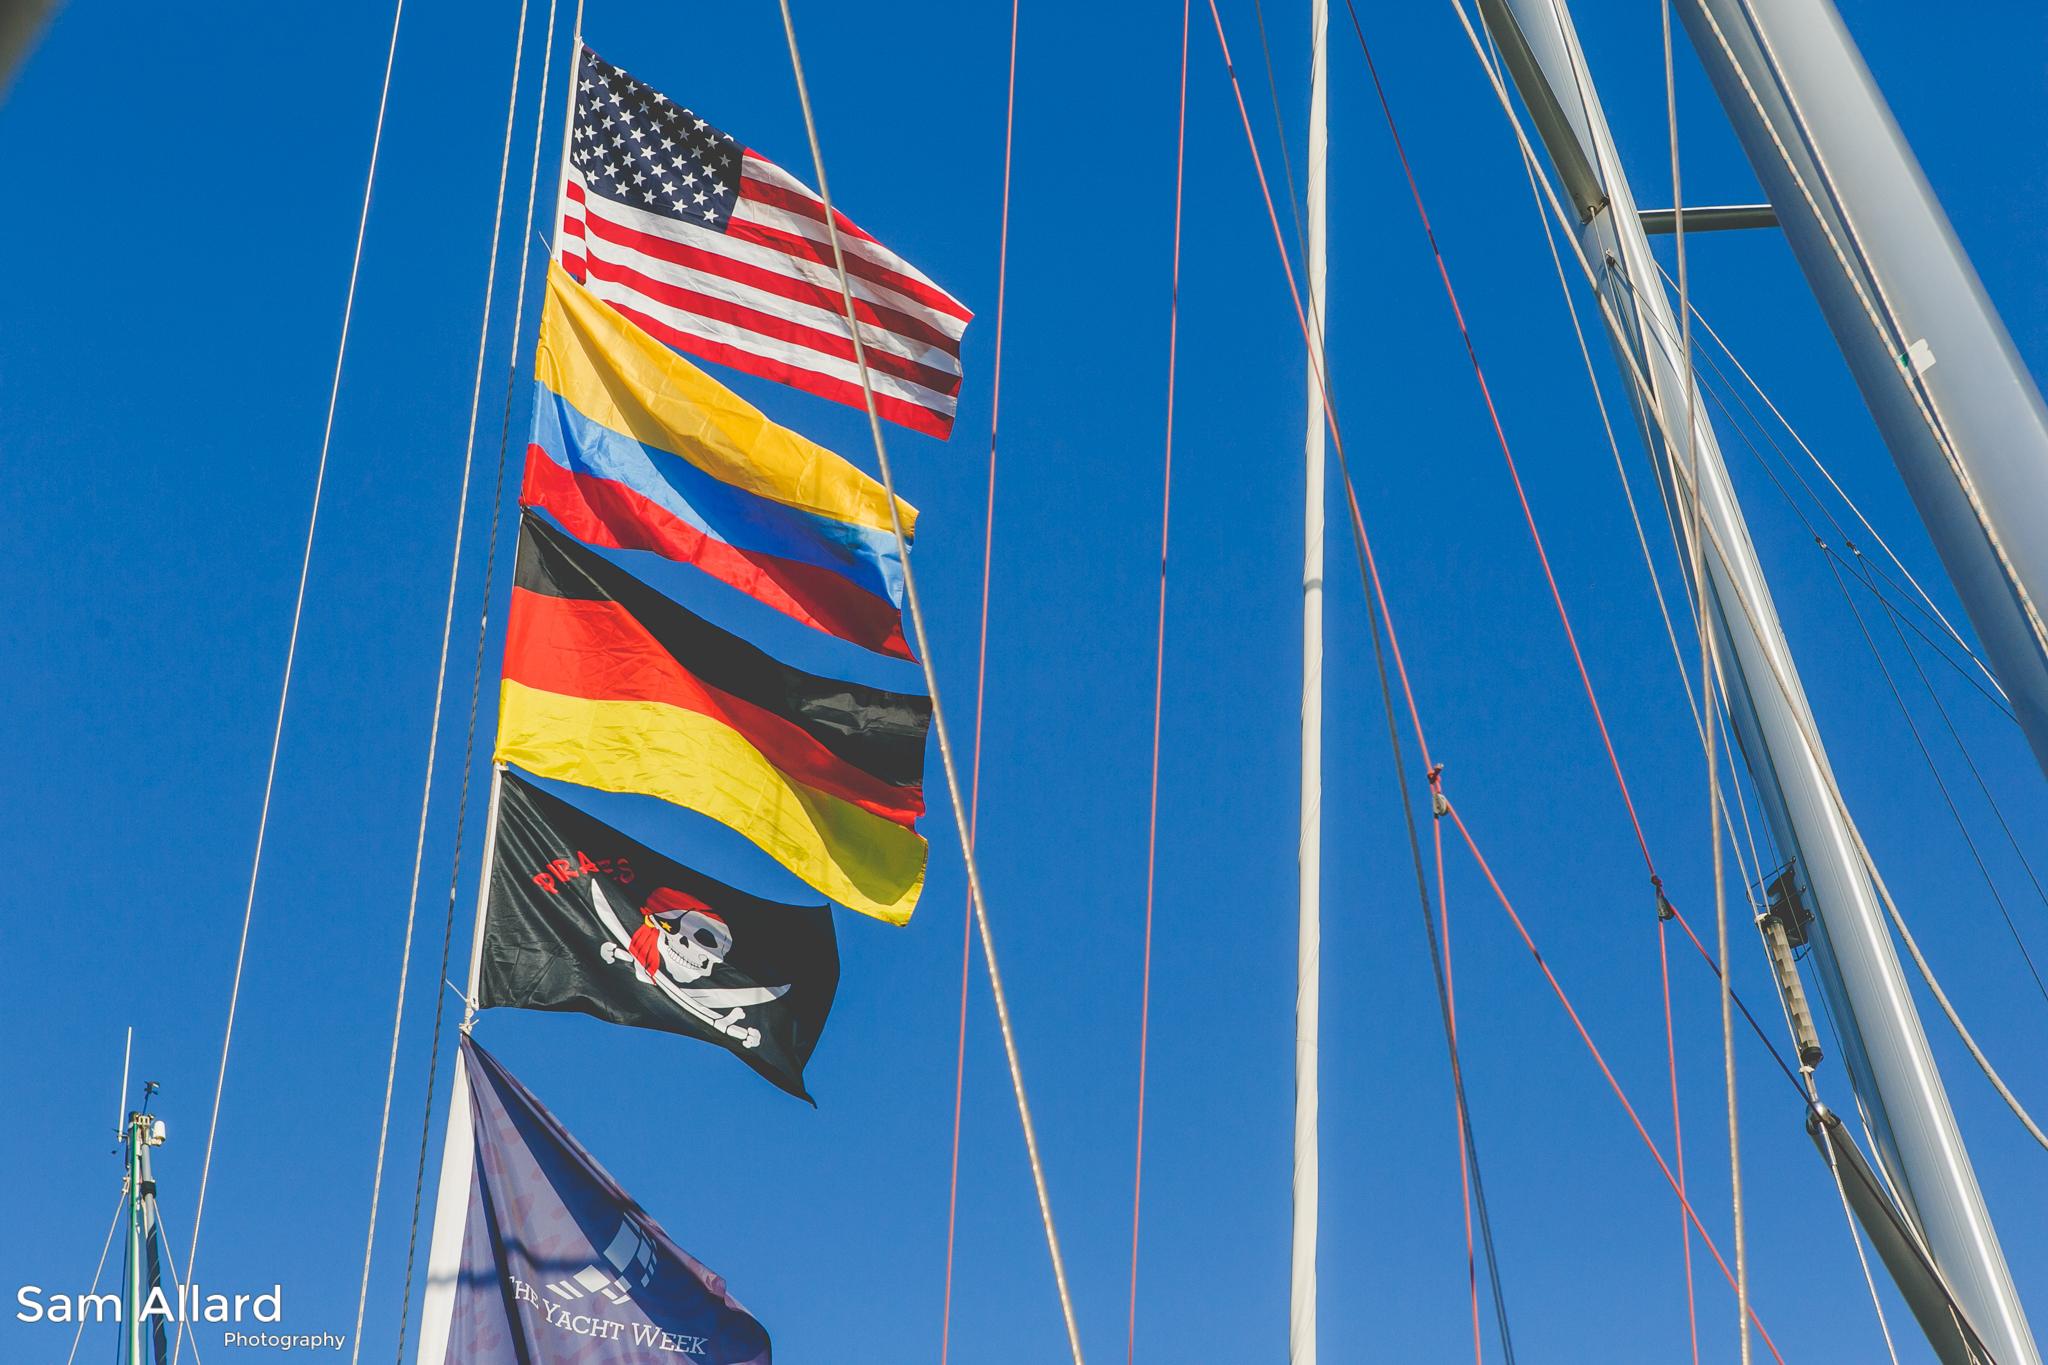 SamAllard_YachtWeek_Week33_183.jpg